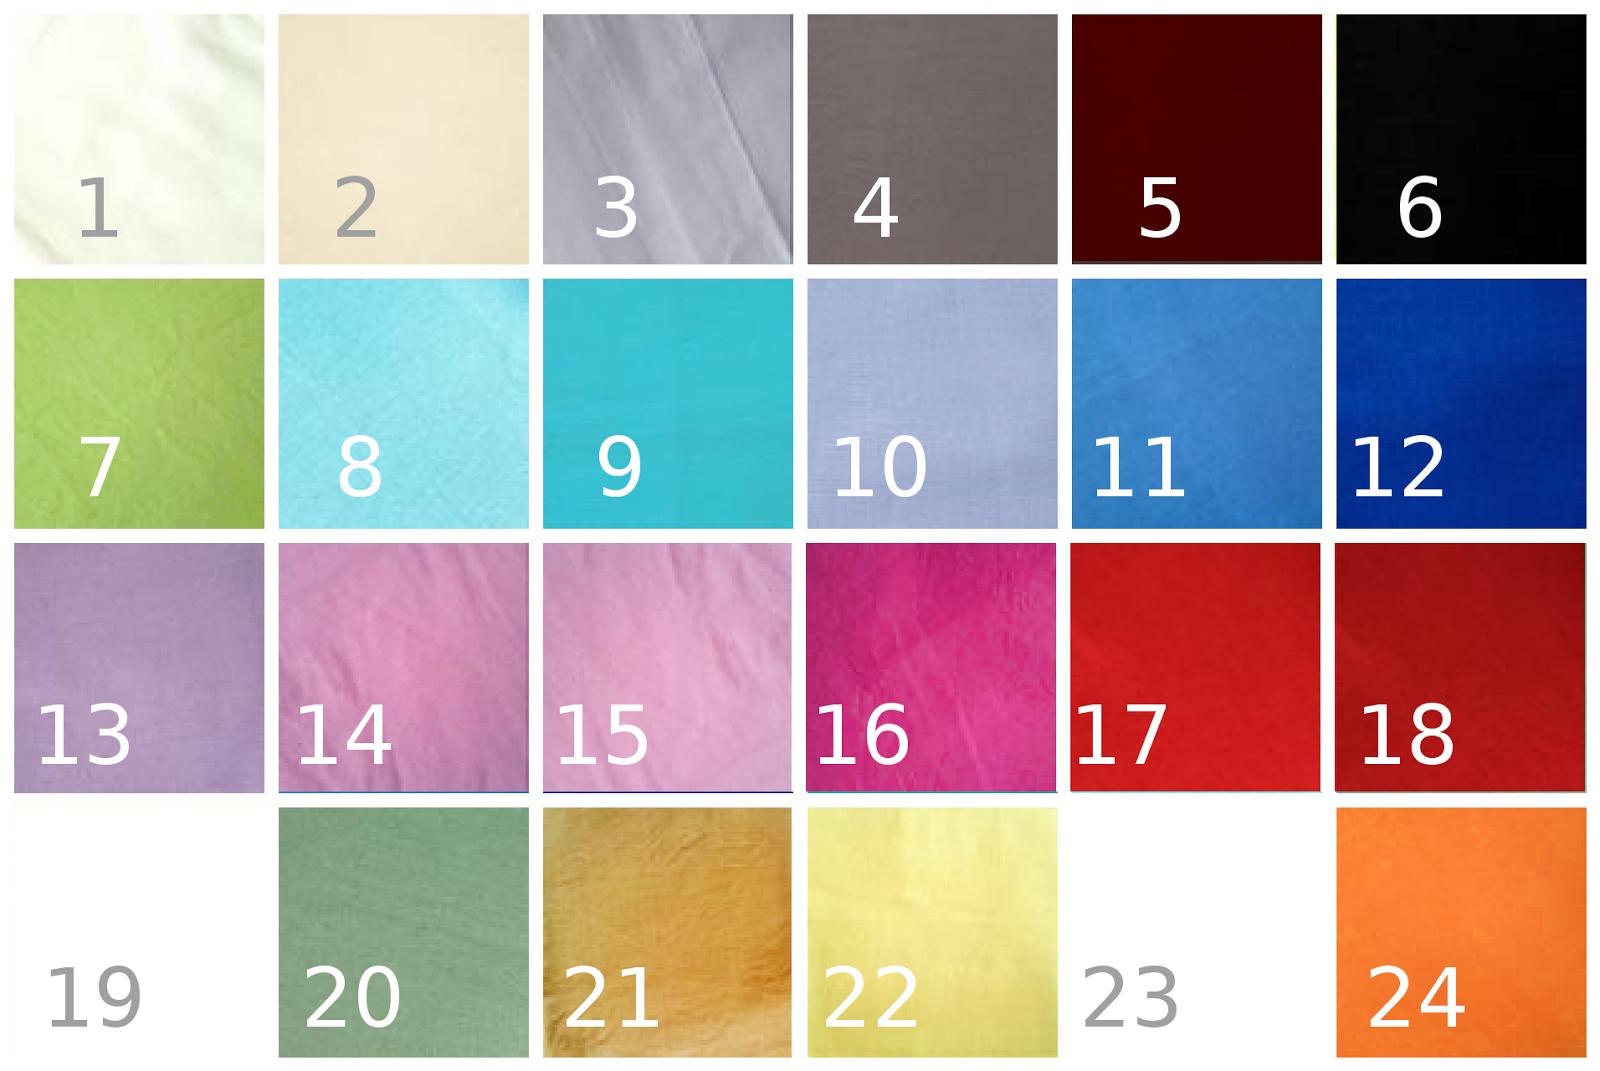 нарязани квдрати за пачуърк - памучен плат за пачуърк